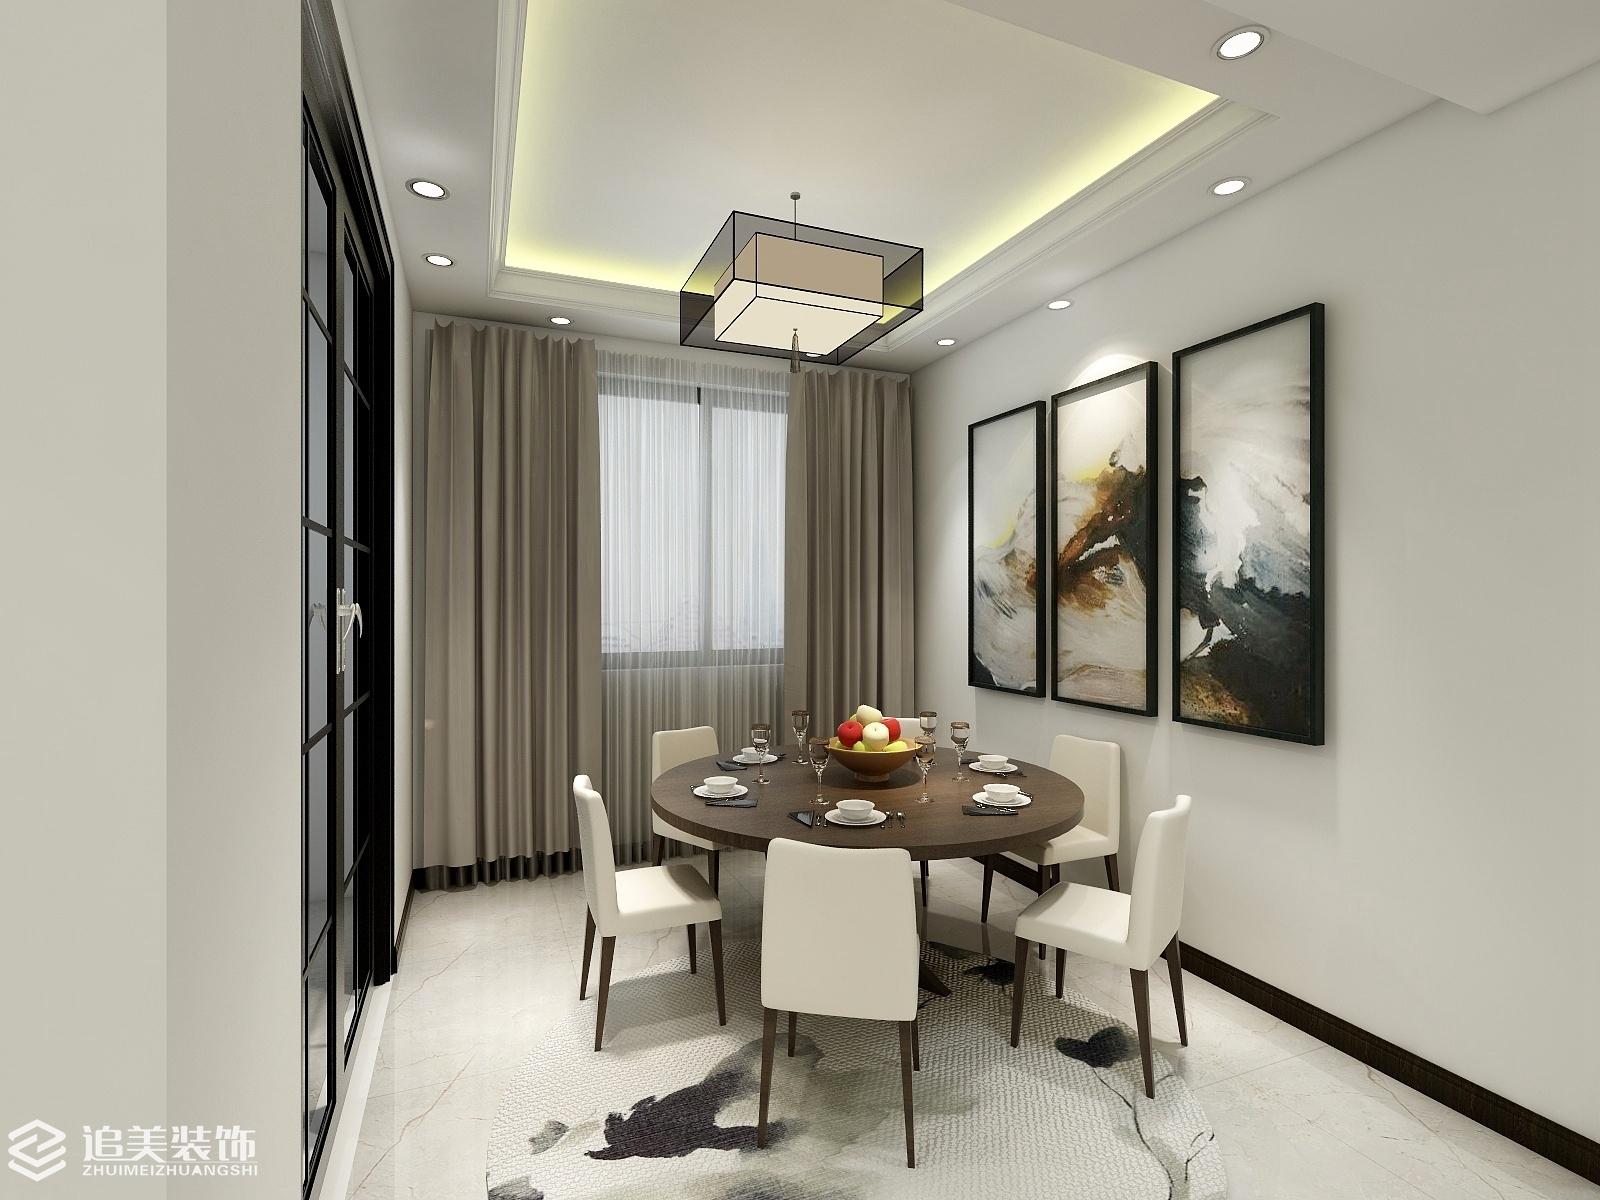 新中式风格 三居室 客厅 餐厅 卧室图片来自河南追美装饰在天明城优雅新新中式风格的分享